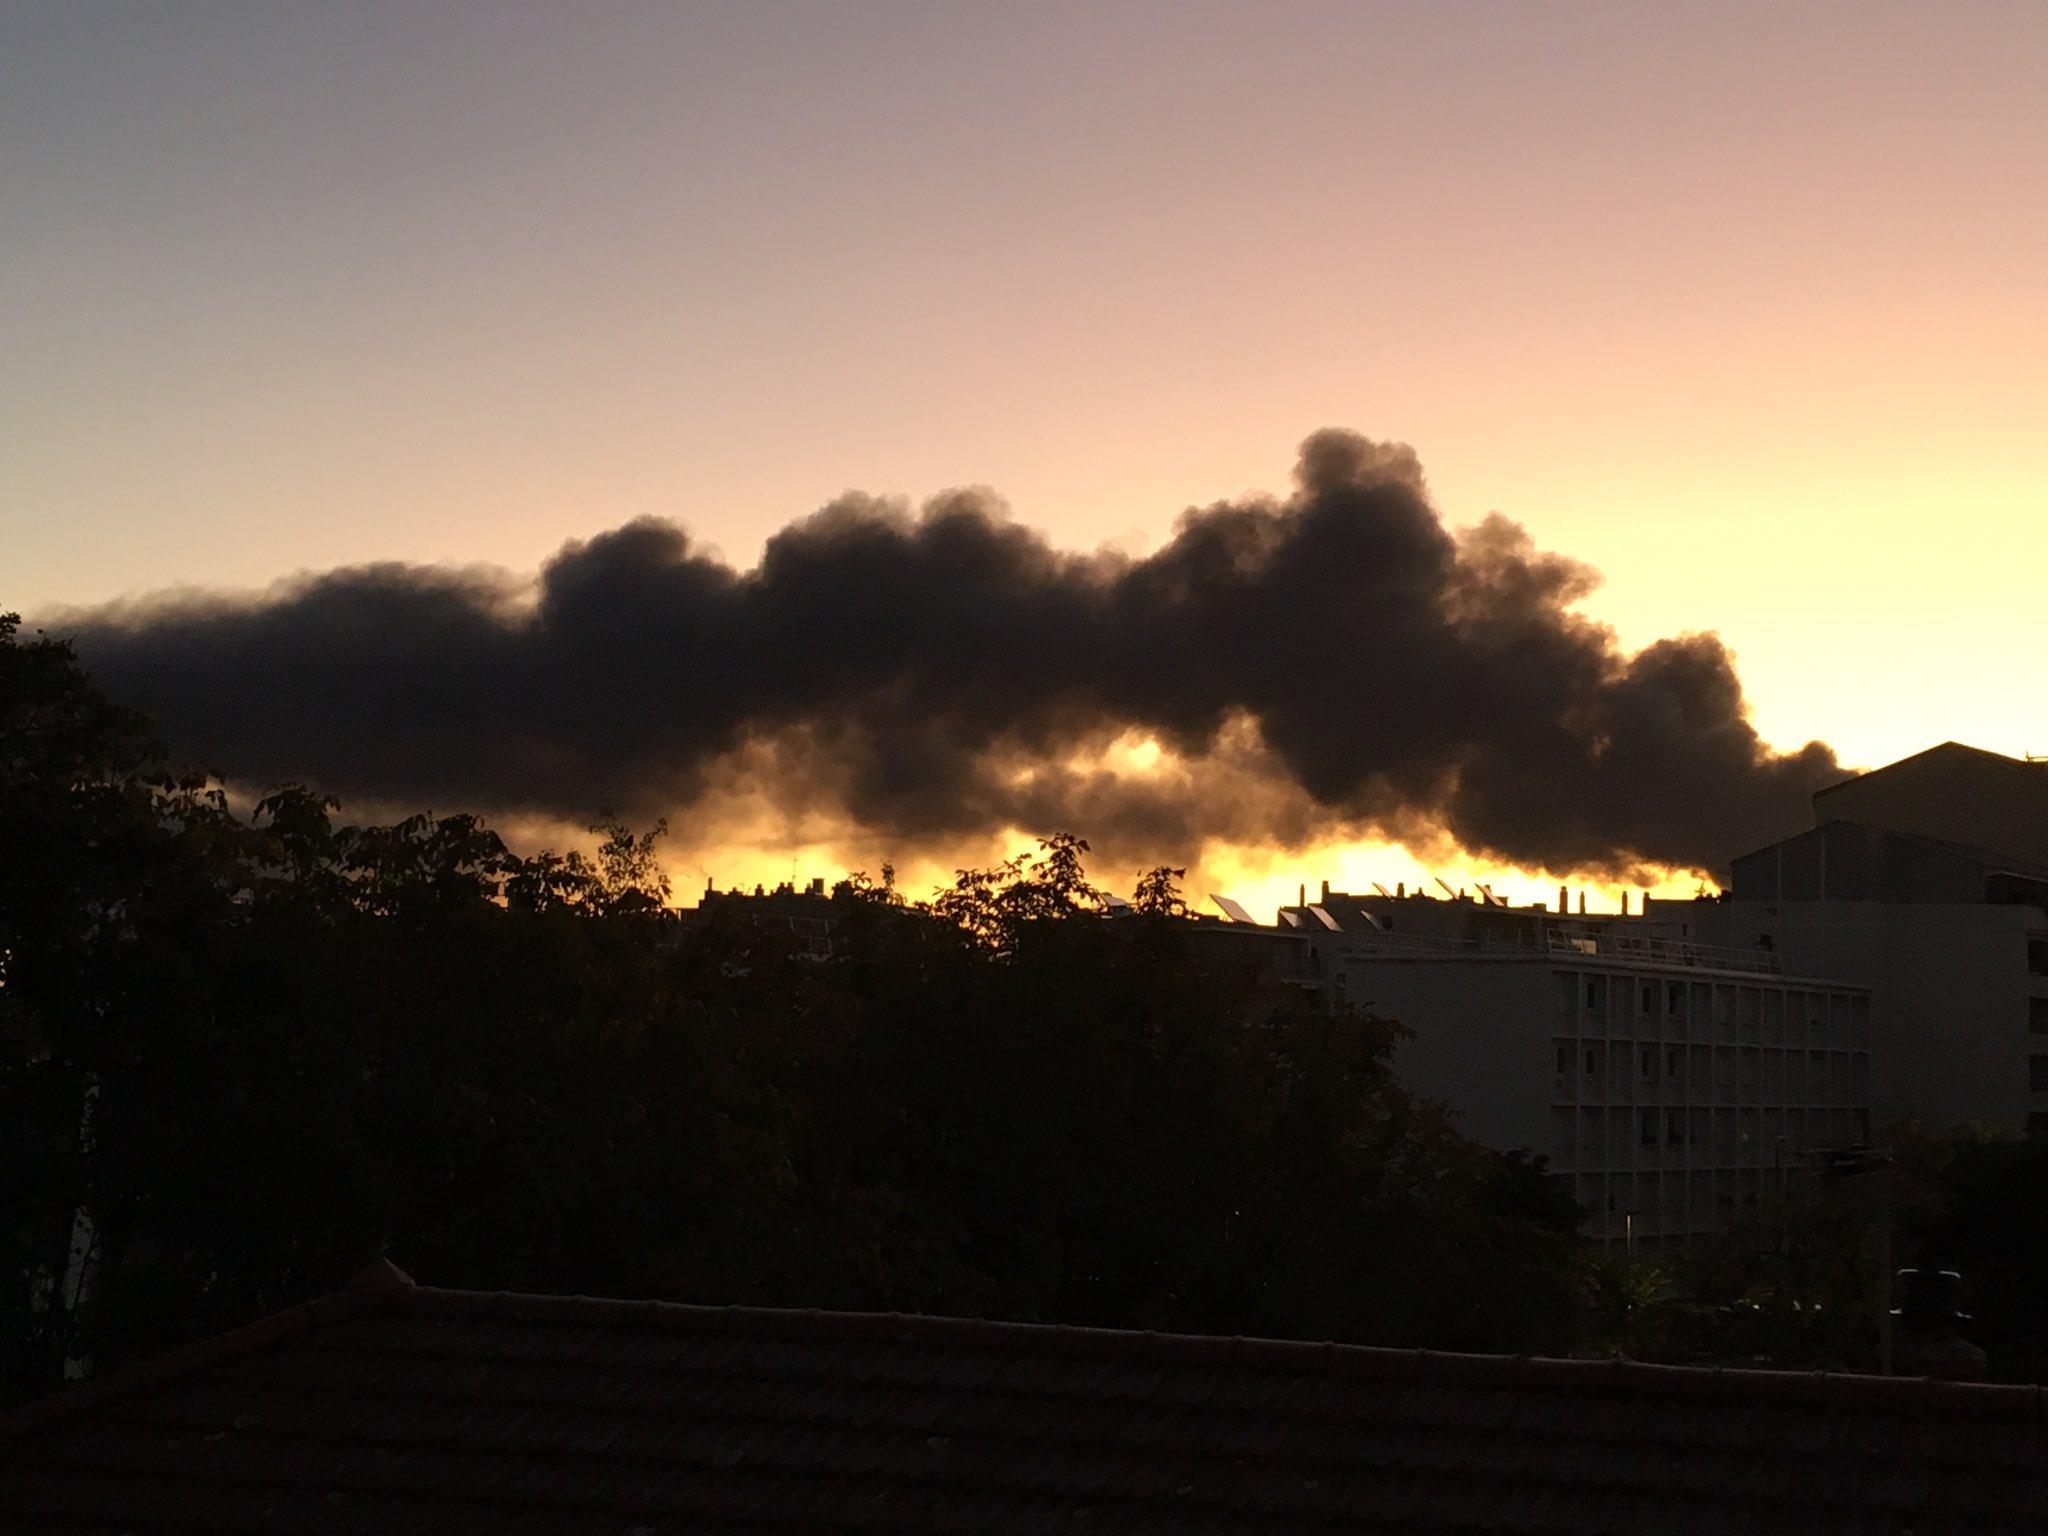 Incendie à Villeurbanne : de nouvelles mesures sur la qualité de l'air